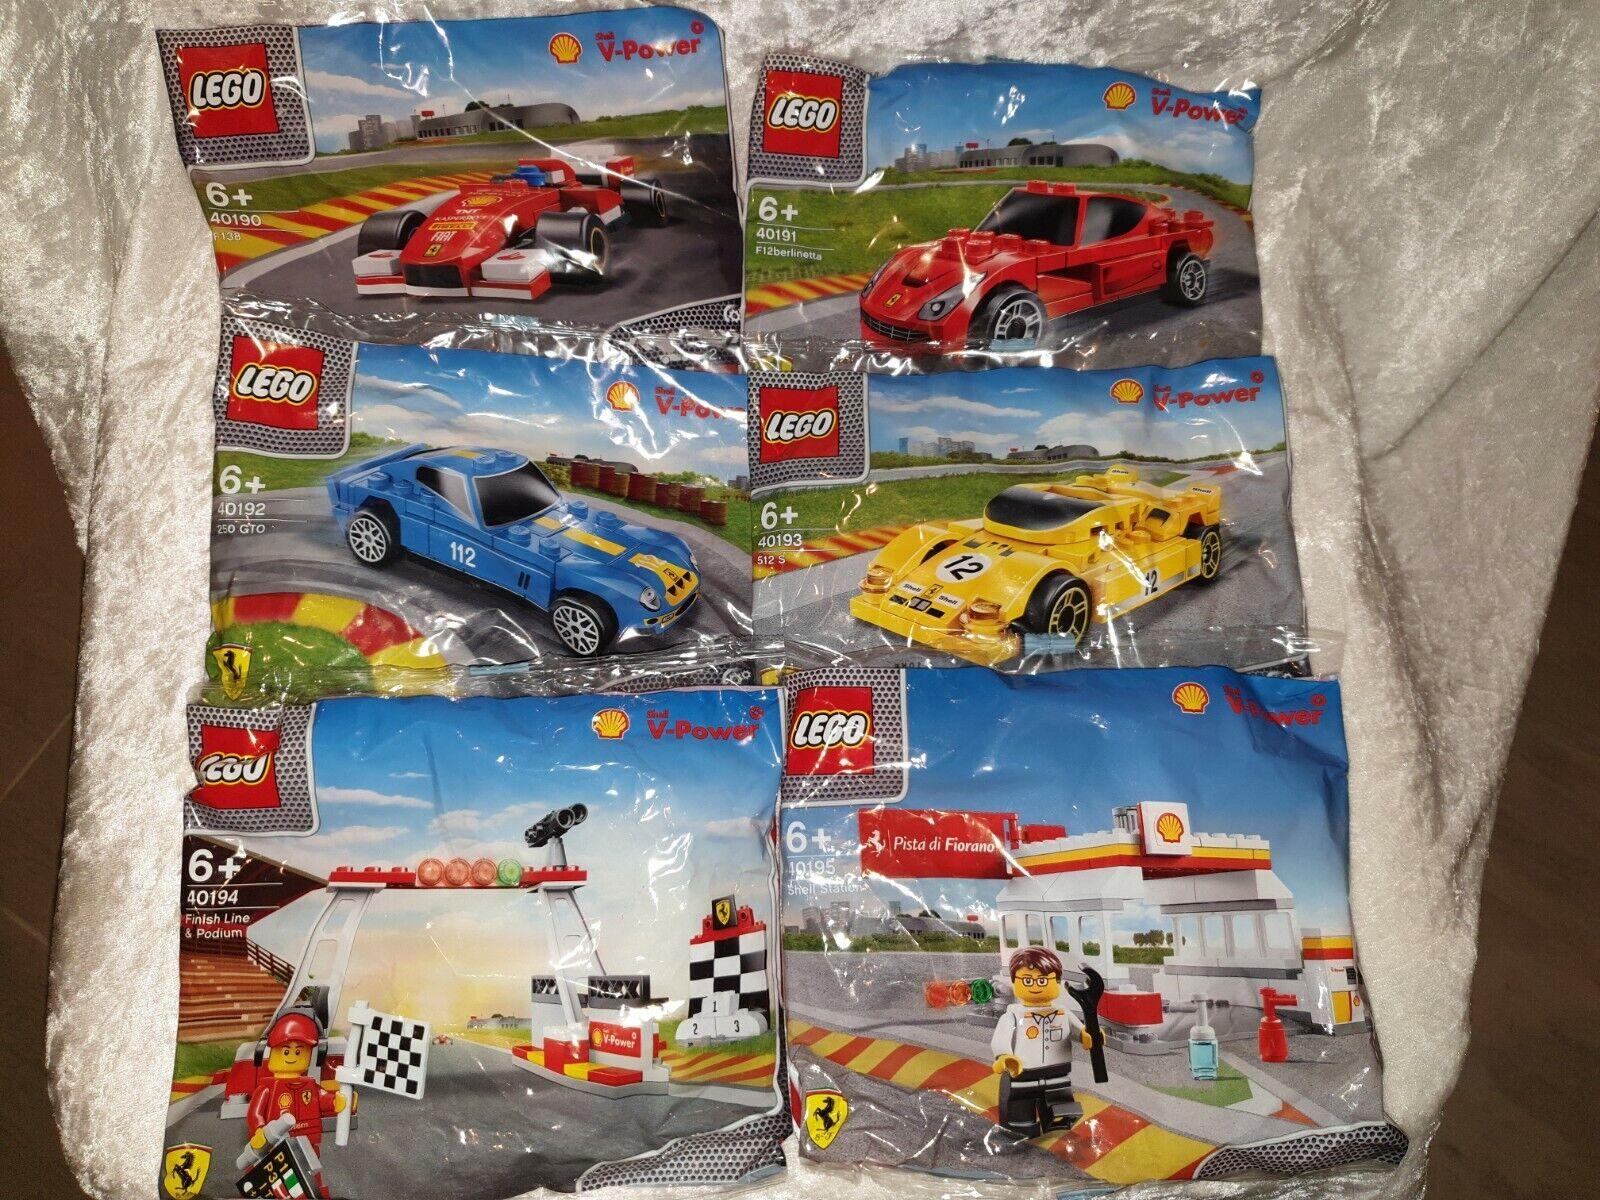 LEGO Sets komplett 40190 - 40195 Auto Polybag  FERRARI SHELL V-Power NEU